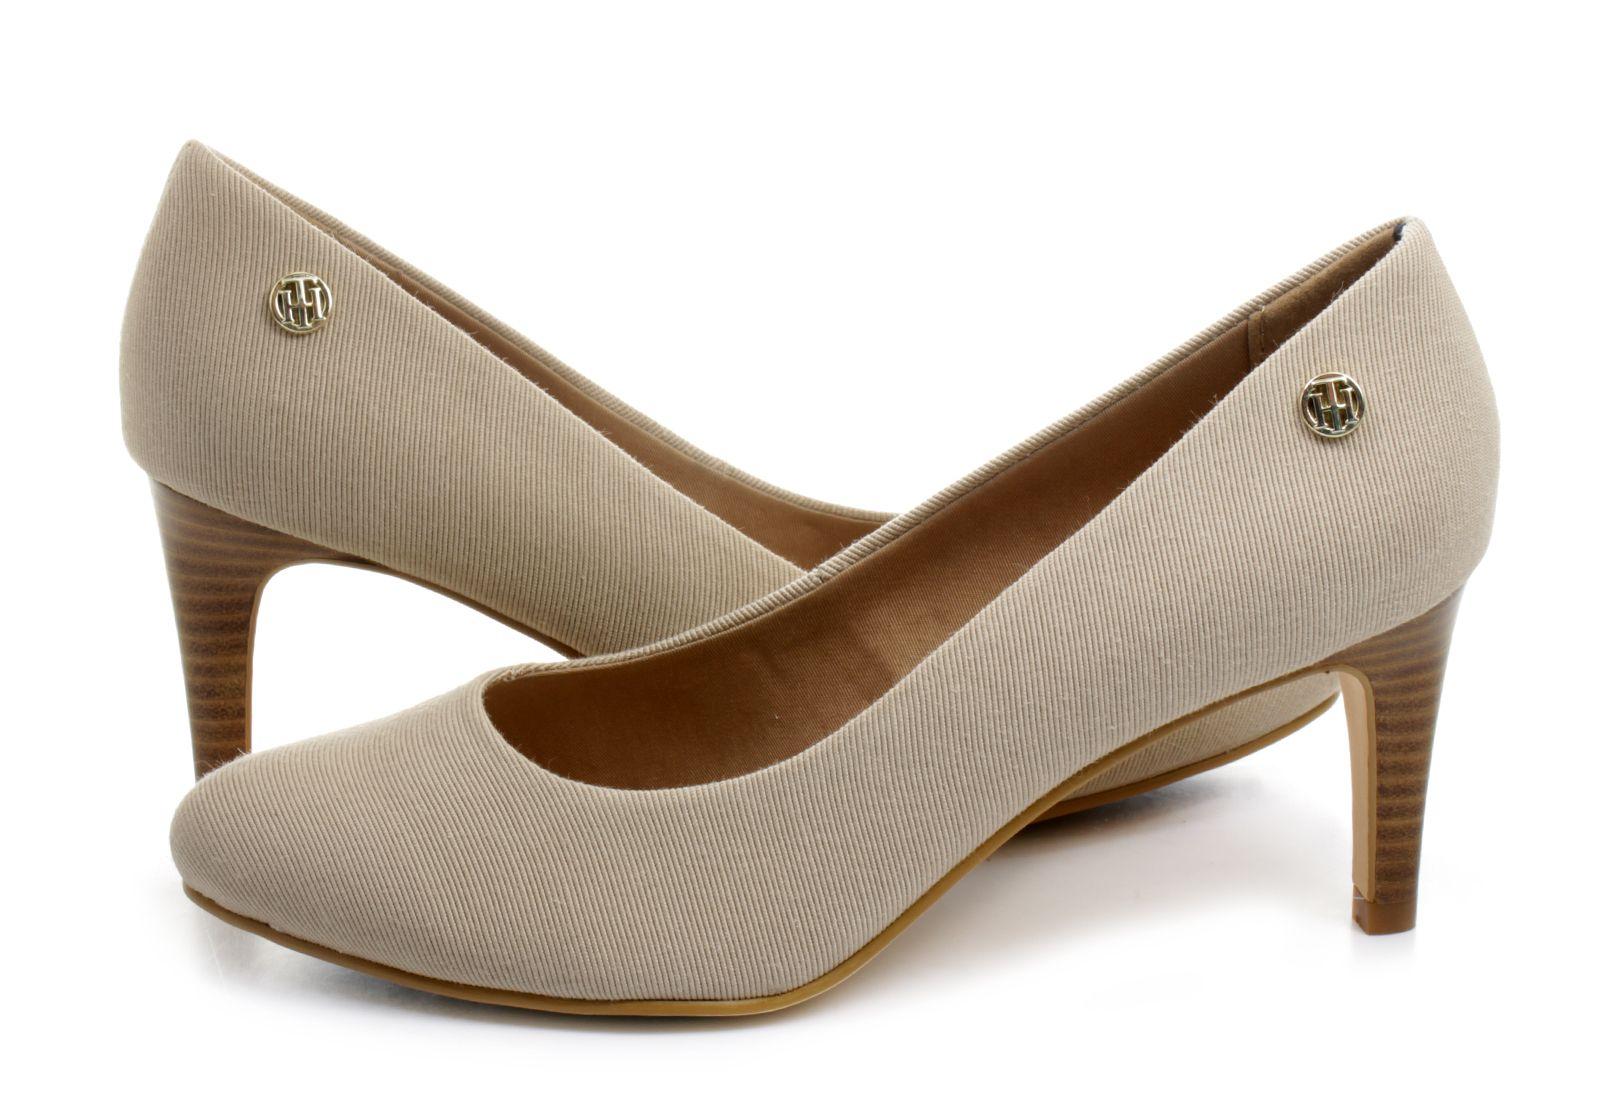 tommy hilfiger high heels lisette 1d 17s 0940 932. Black Bedroom Furniture Sets. Home Design Ideas